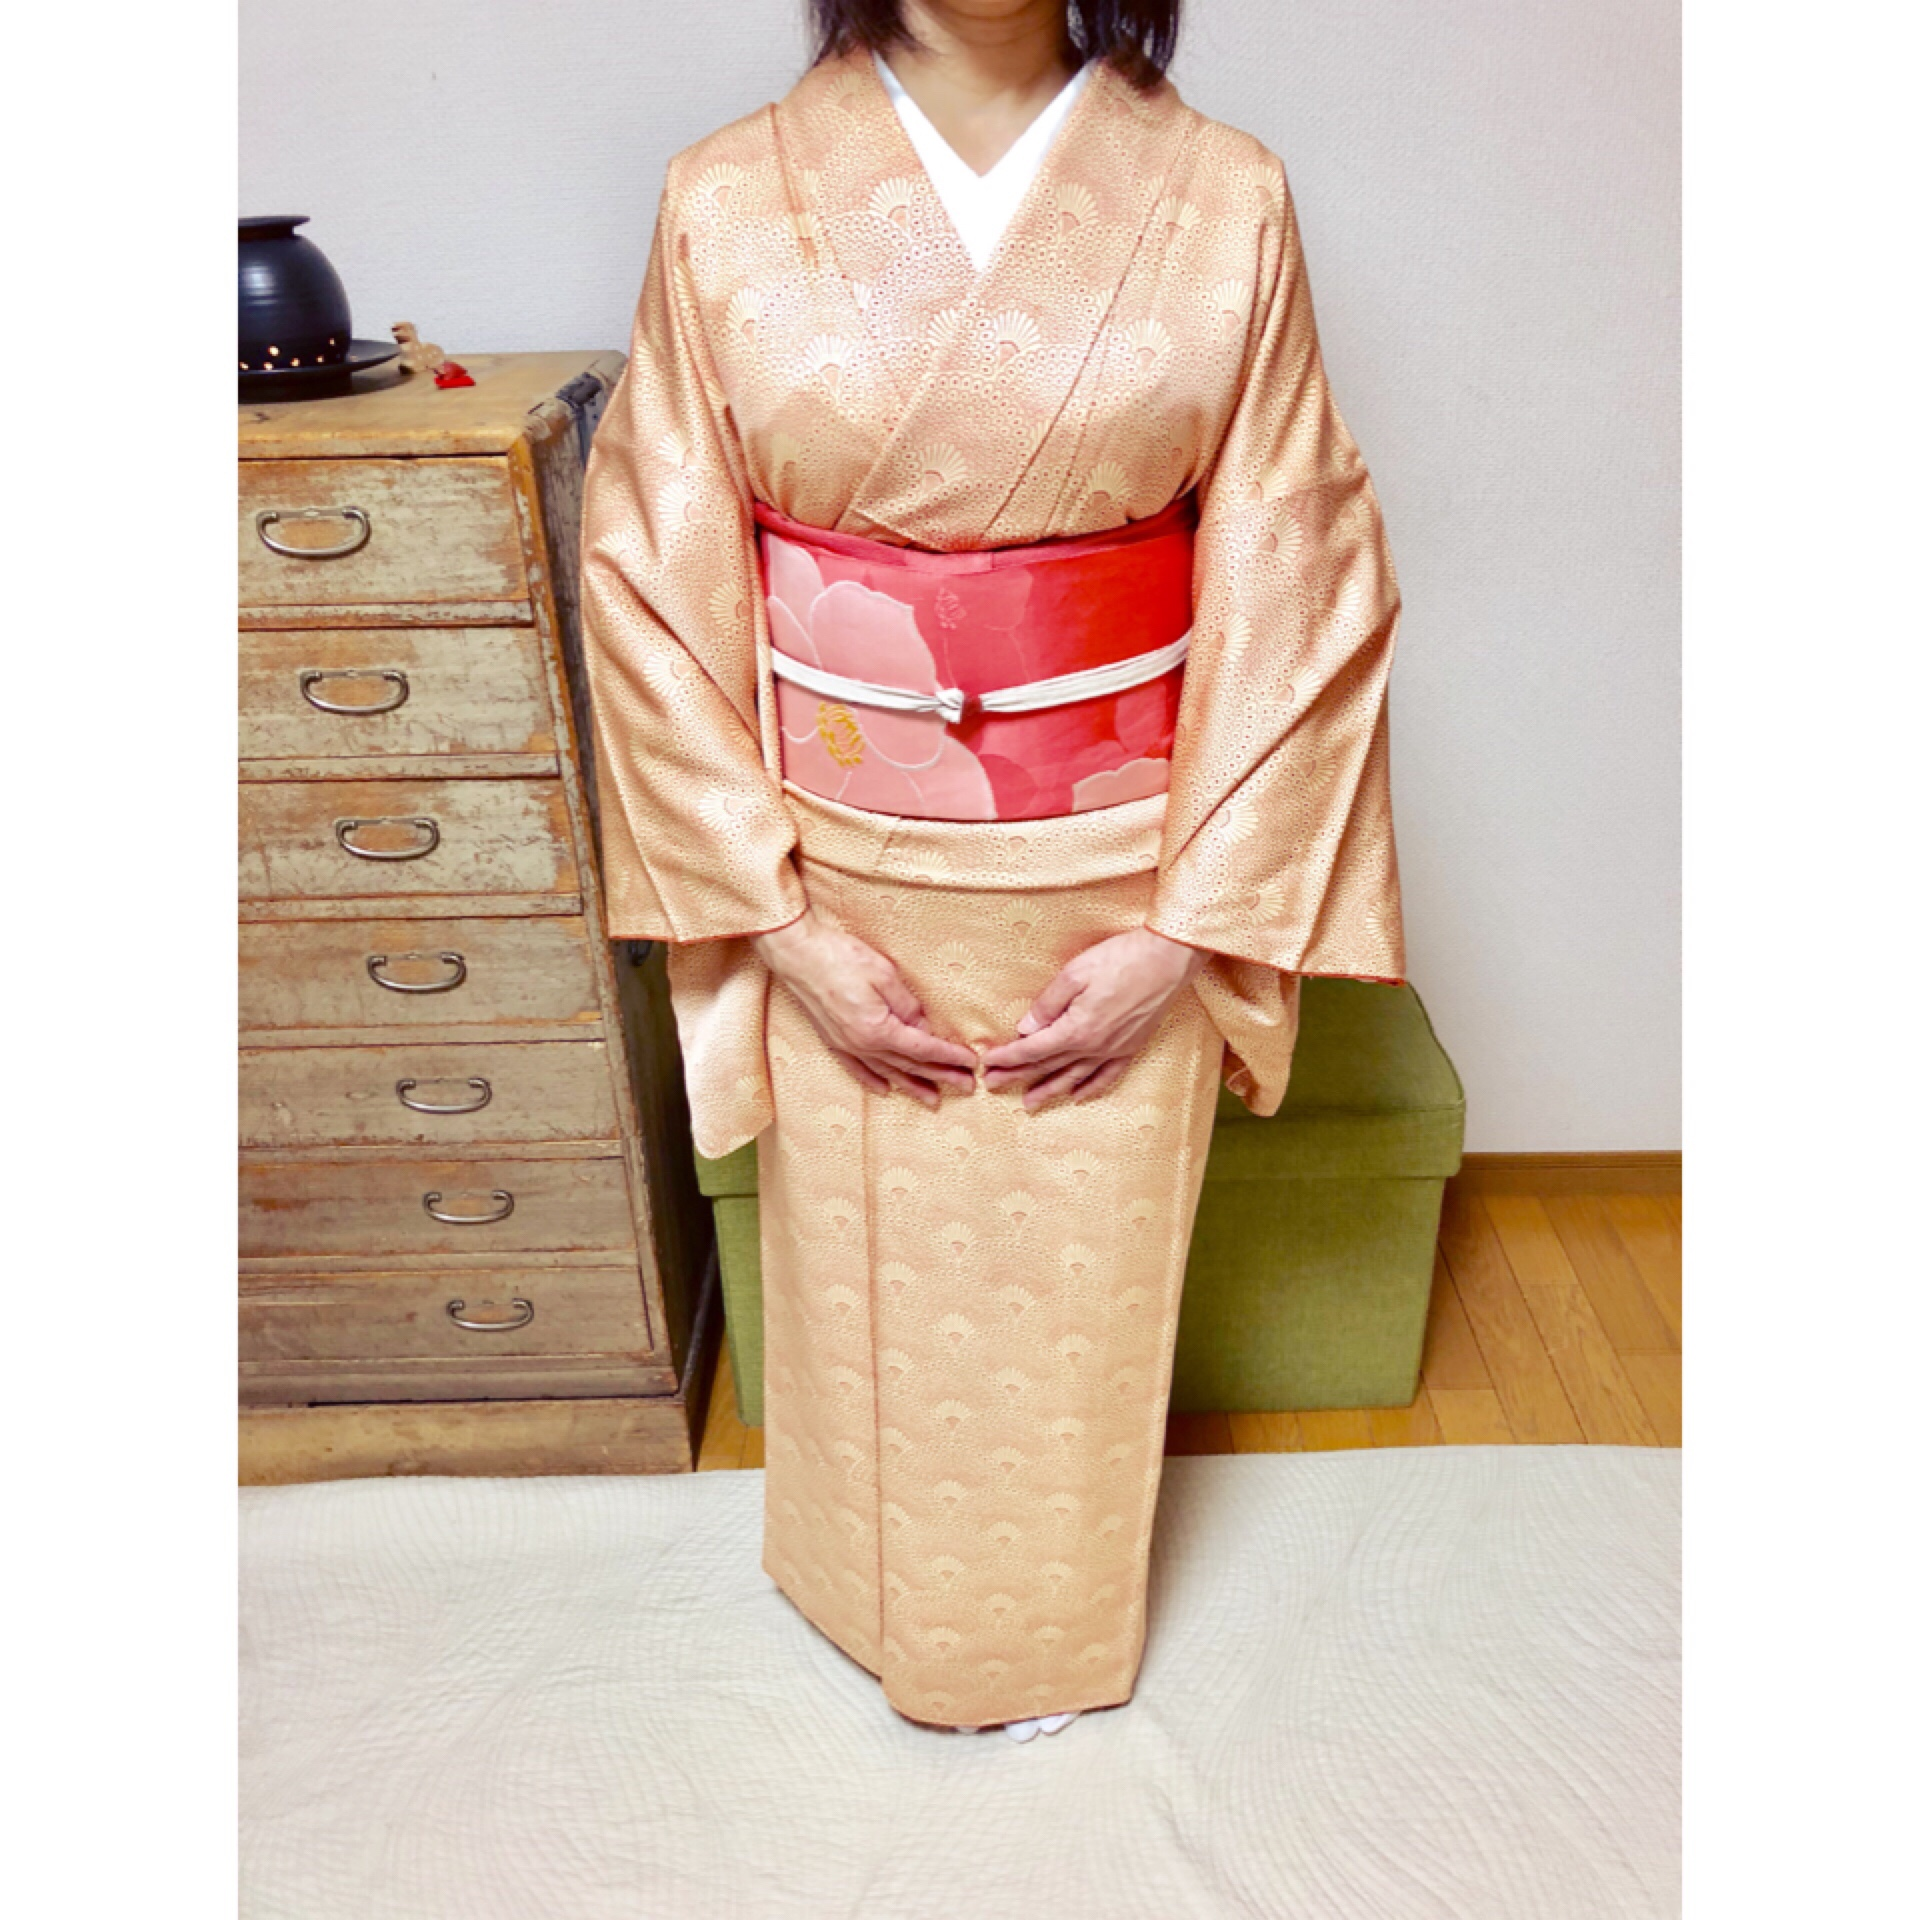 基本コースの途中で袴の着せ付けレッスンへ【大阪京橋の着付け教室きものたまより】